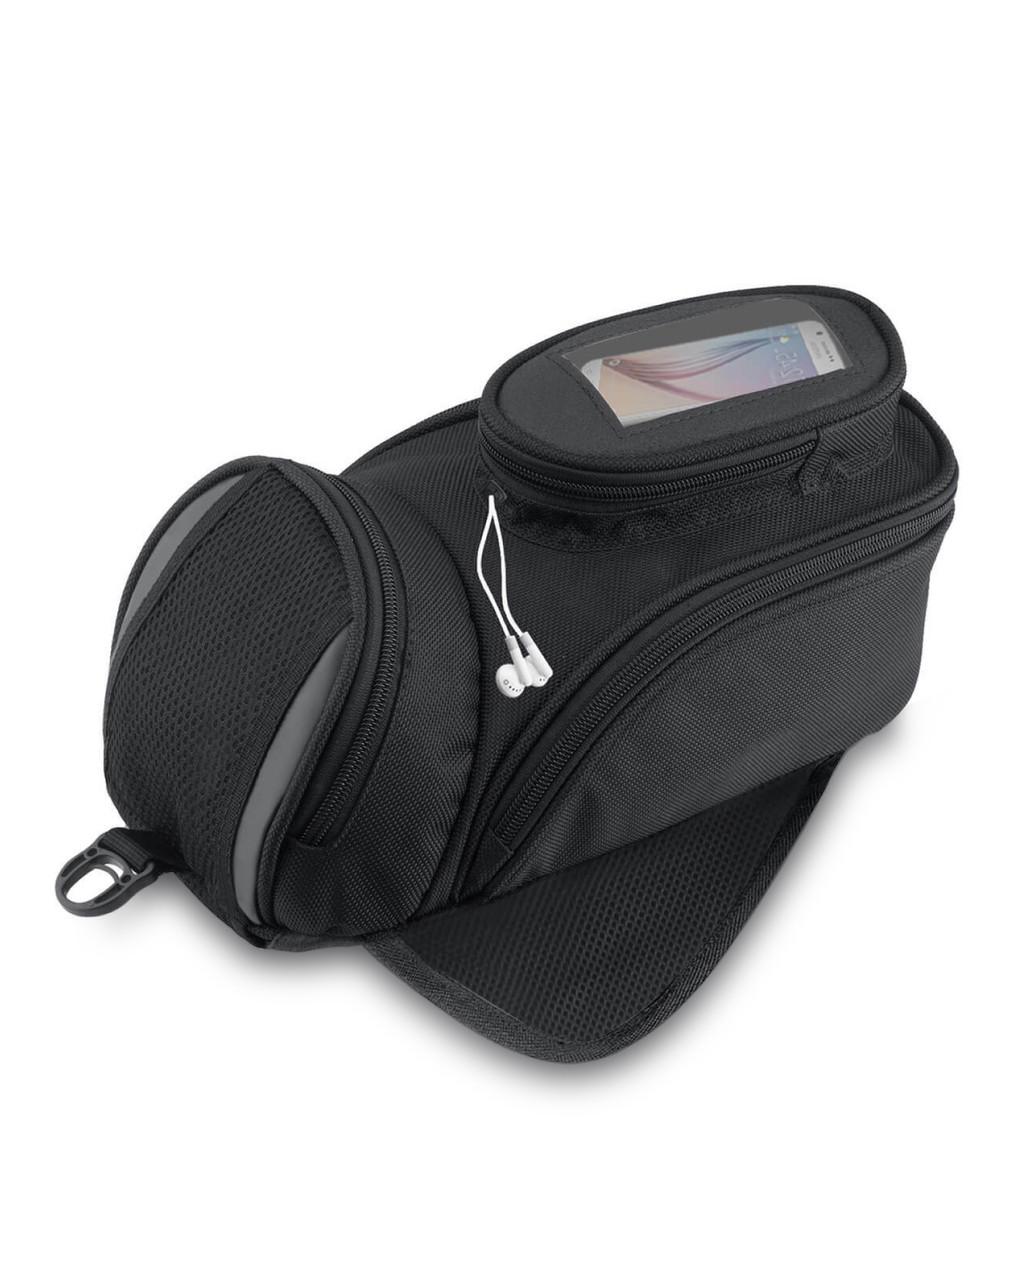 VikingBags Survival Series Honda Magnetic Motorcycle Tank Bag Main Bag View